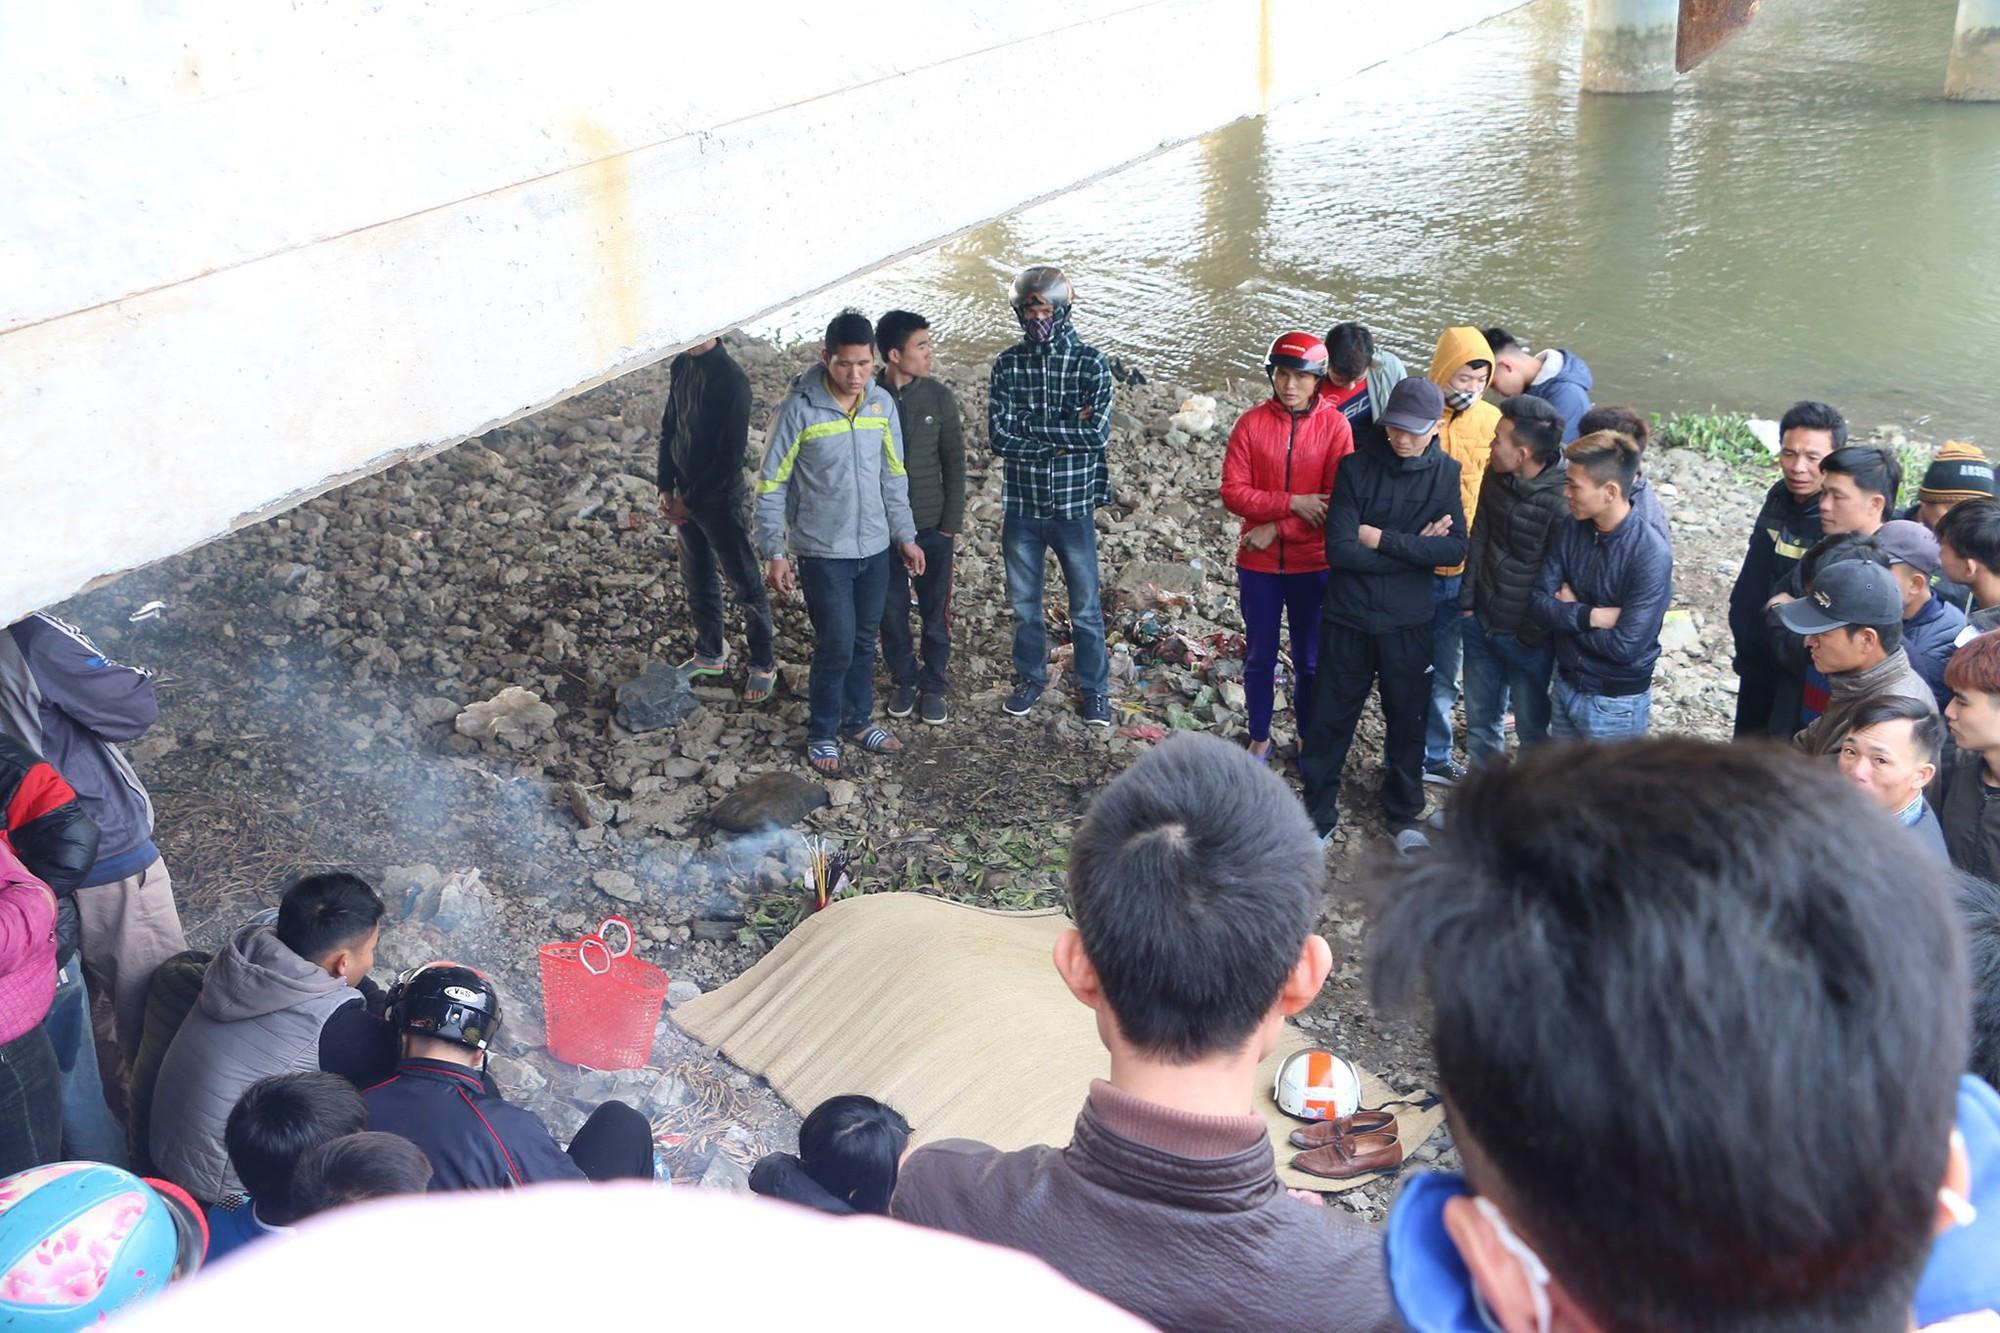 Bờ sông Ghép nơi xảy ra vụ việc thương tâm.